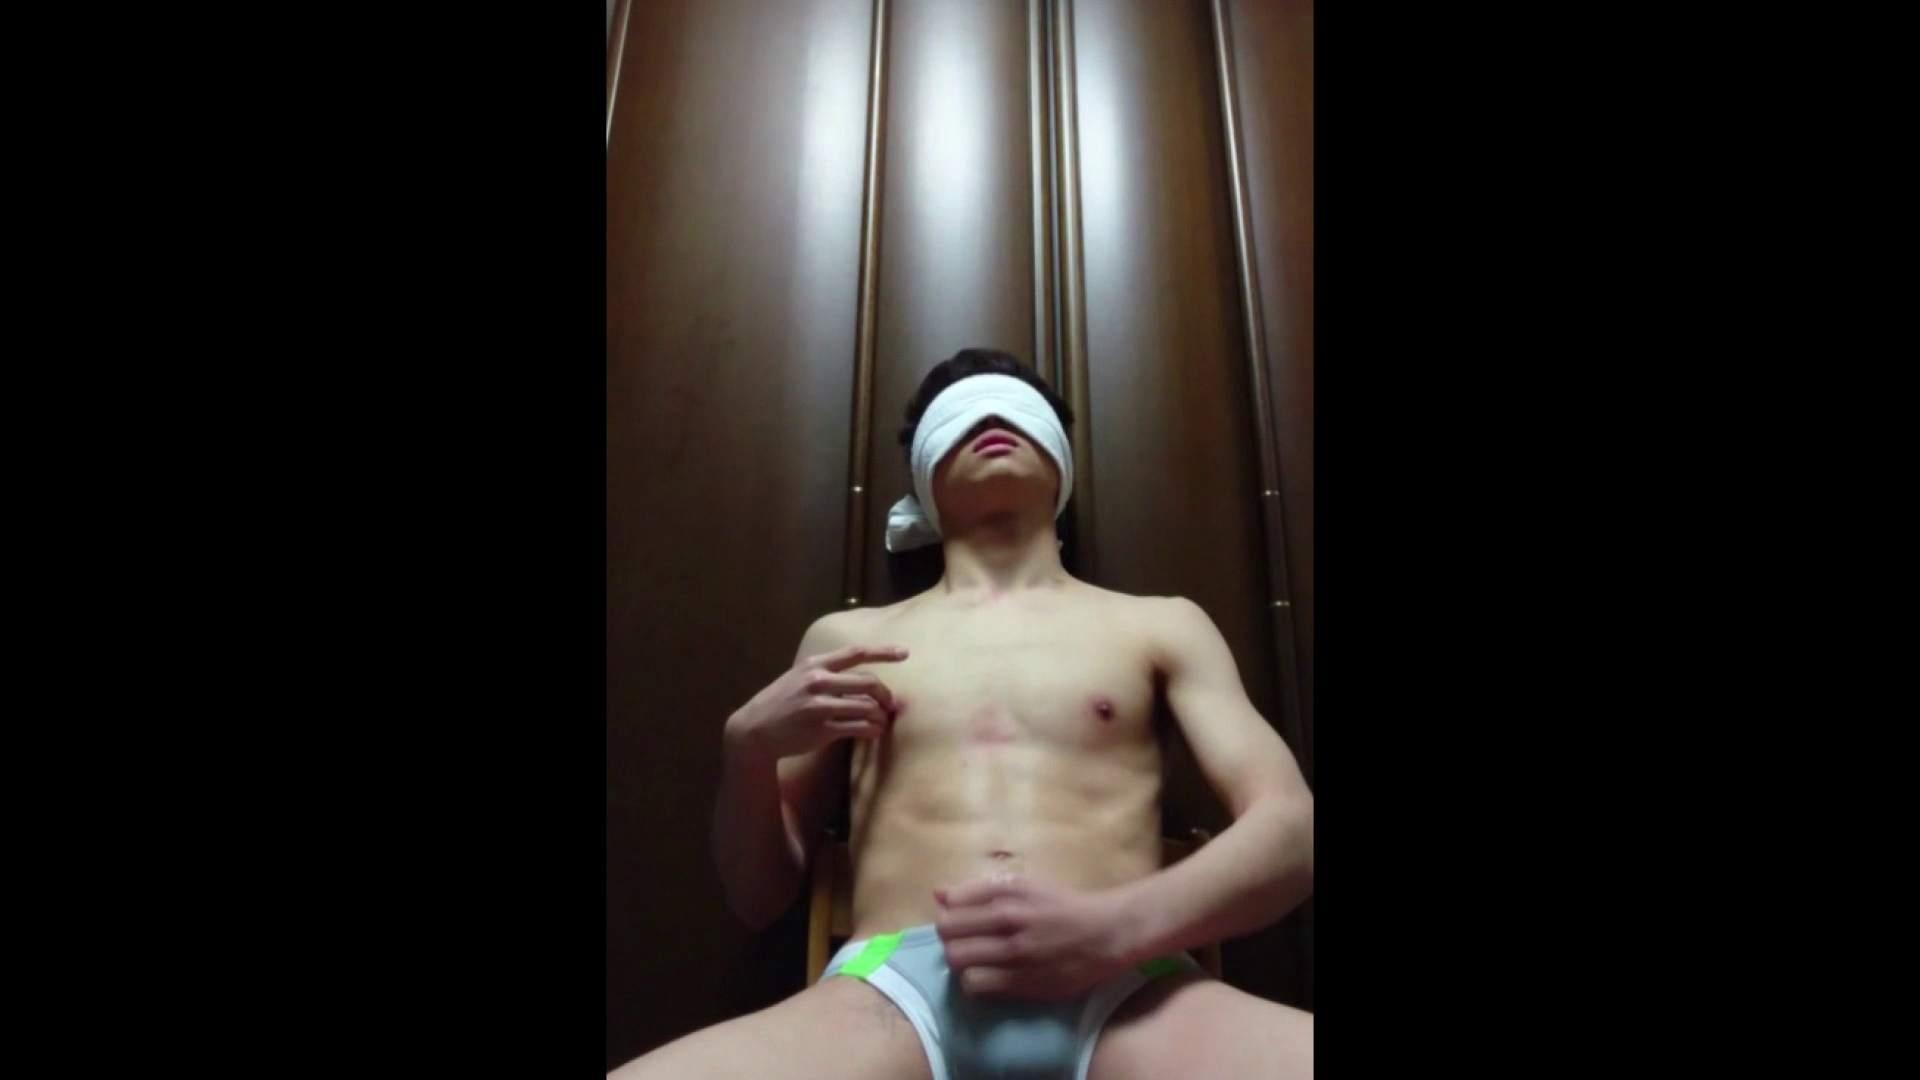 個人撮影 自慰の極意 Vol.21 個人撮影 ゲイエロ動画 93pic 20